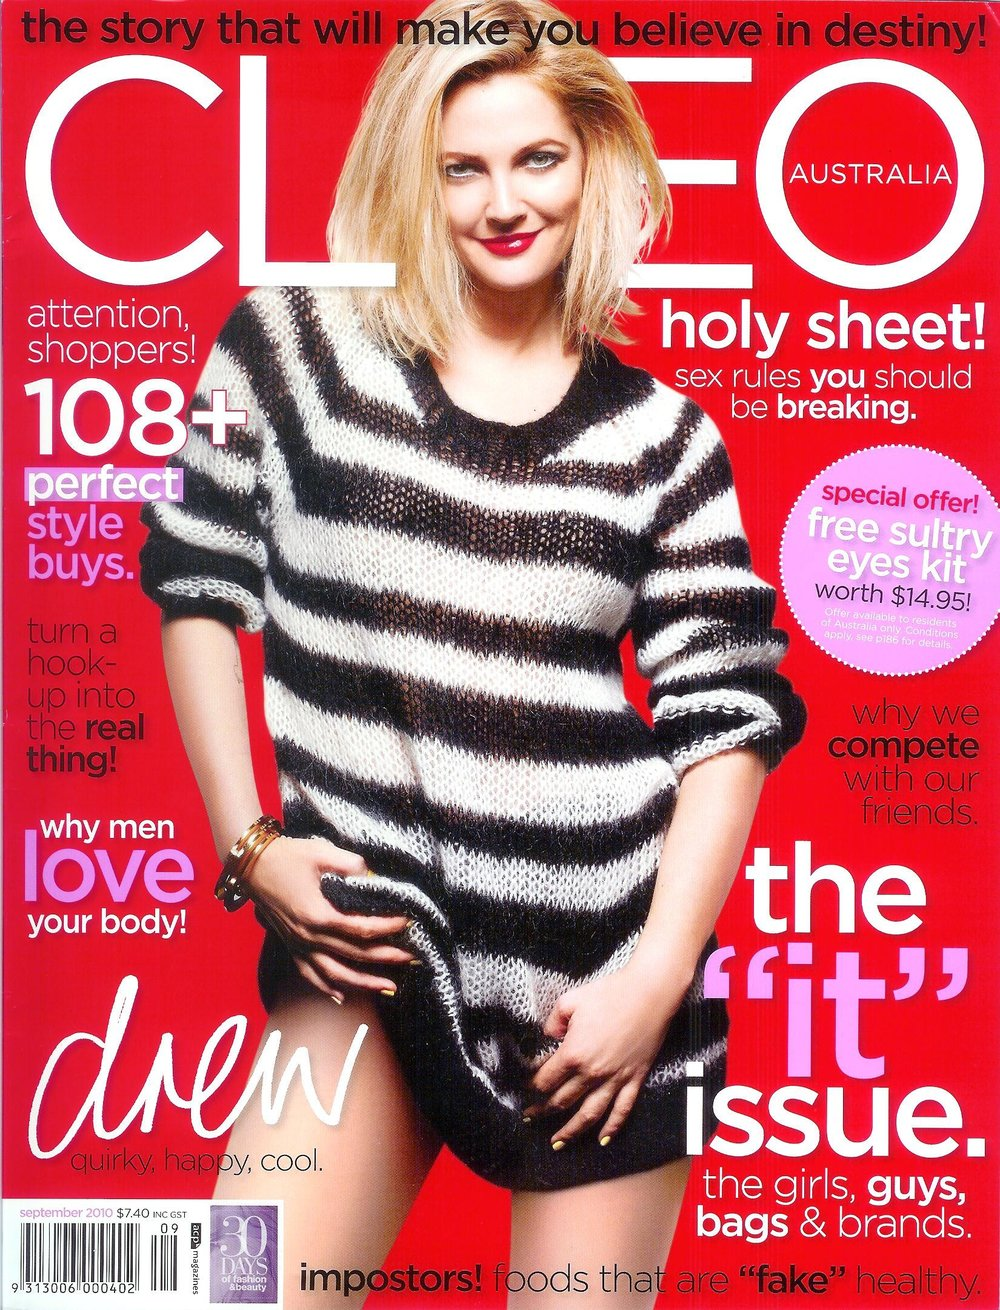 cleo magazine - september 2010 001.jpg